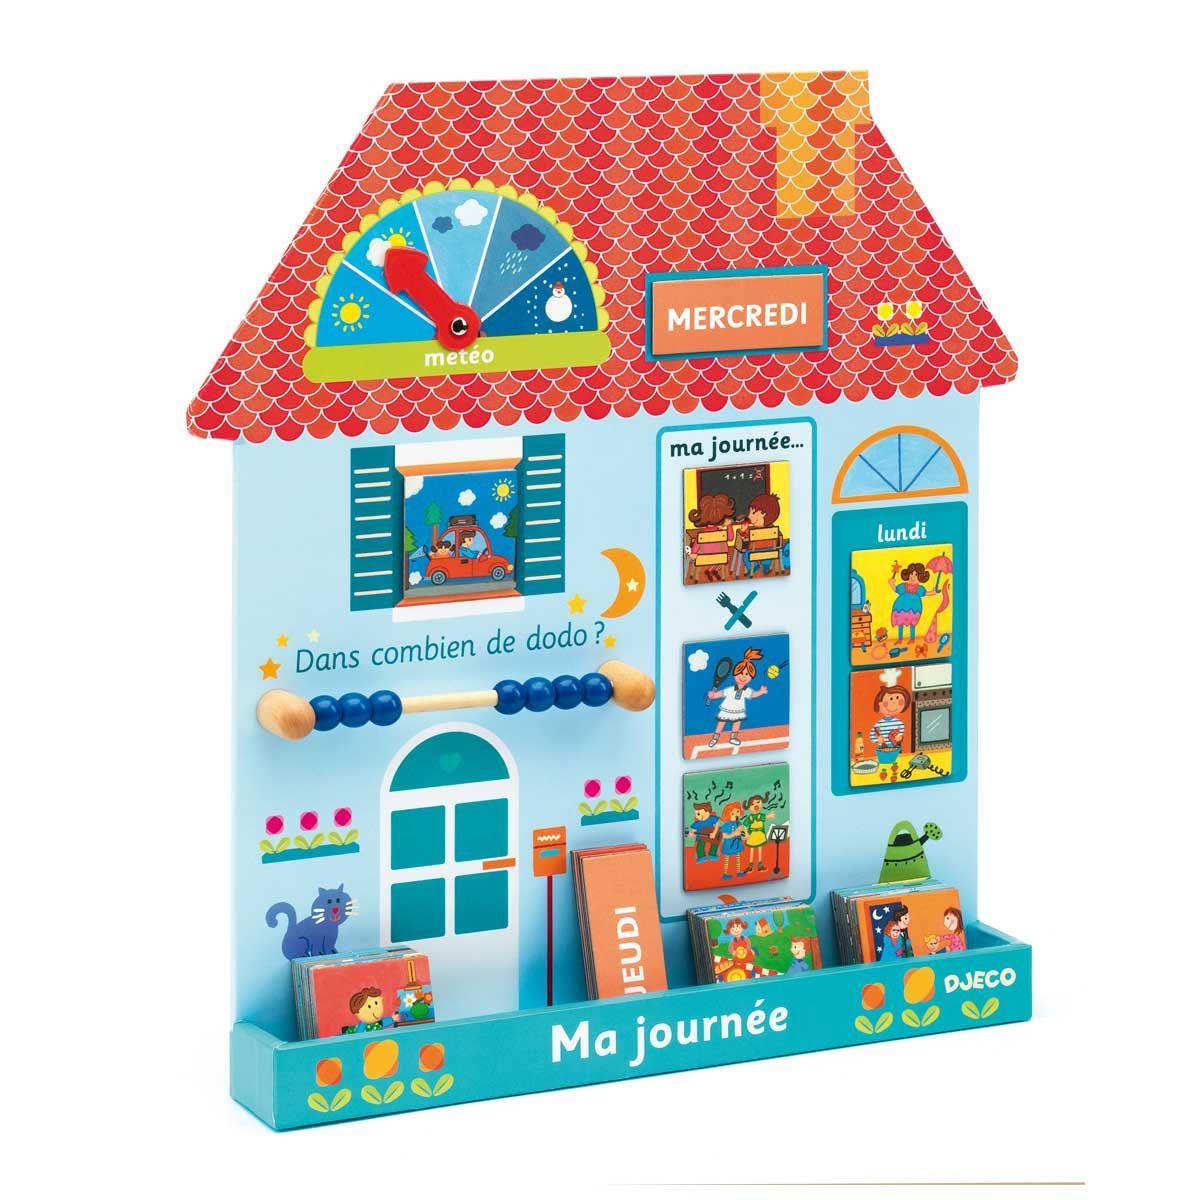 Tableau Magnétique Maison Ma Journée Djeco | Tableau serapportantà Jeux Bebe 3 Ans